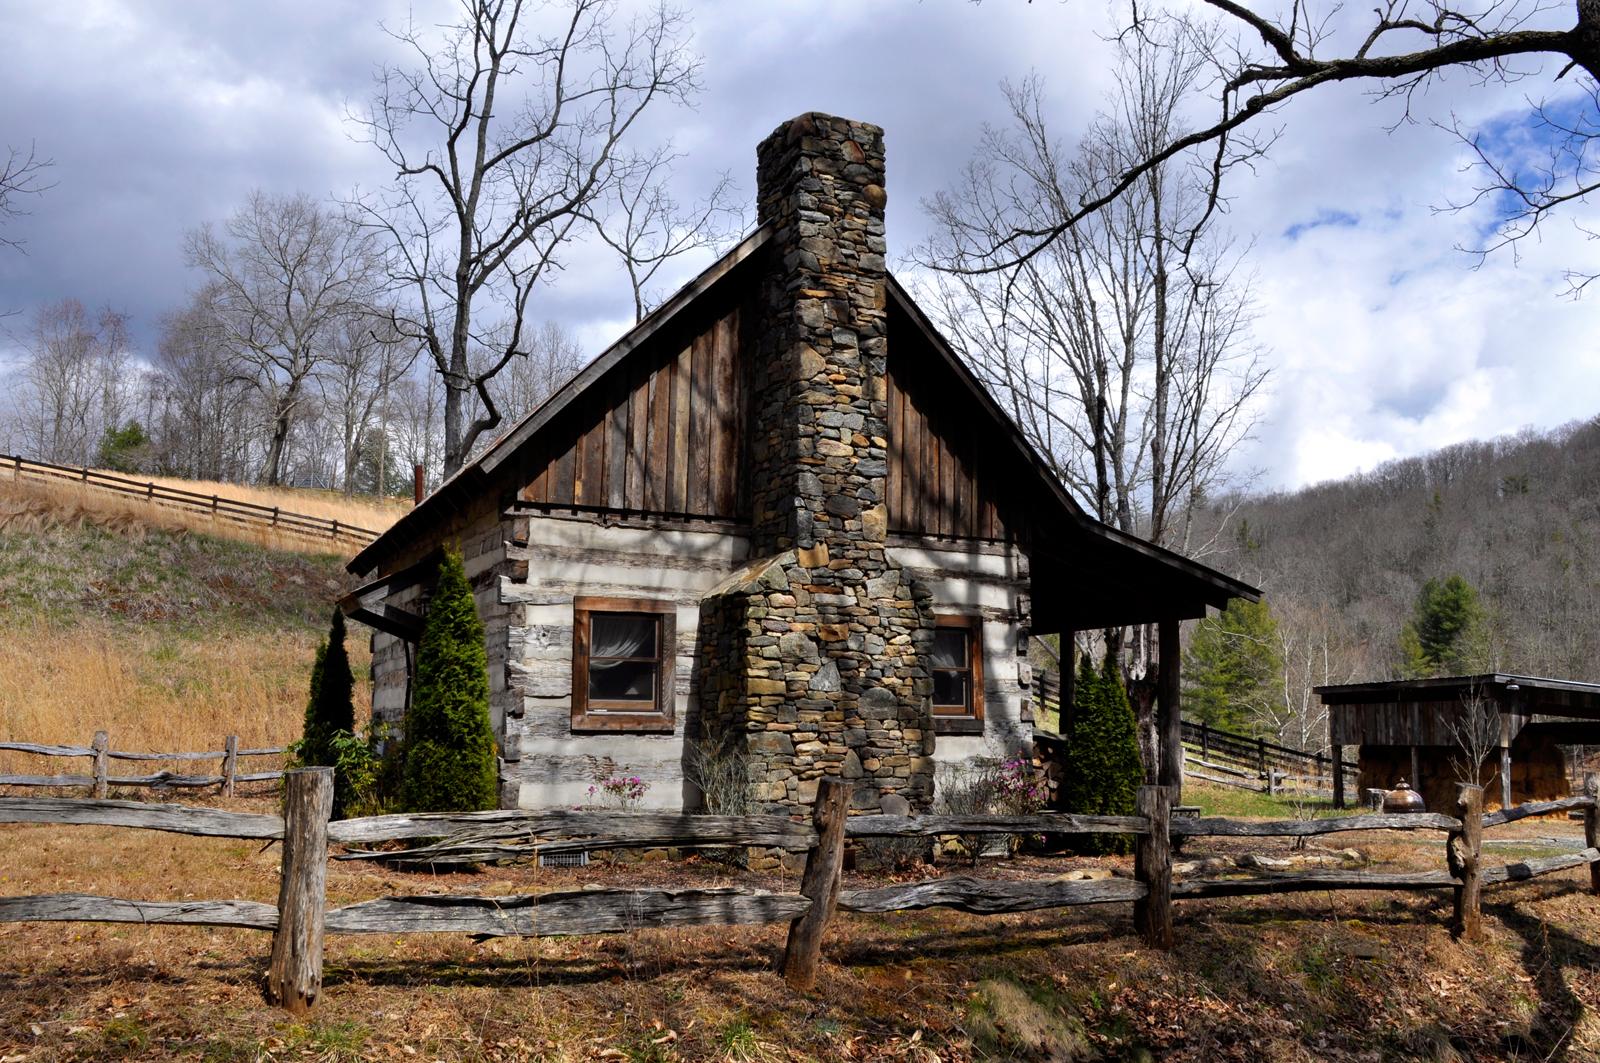 Green Mountain Farm Home